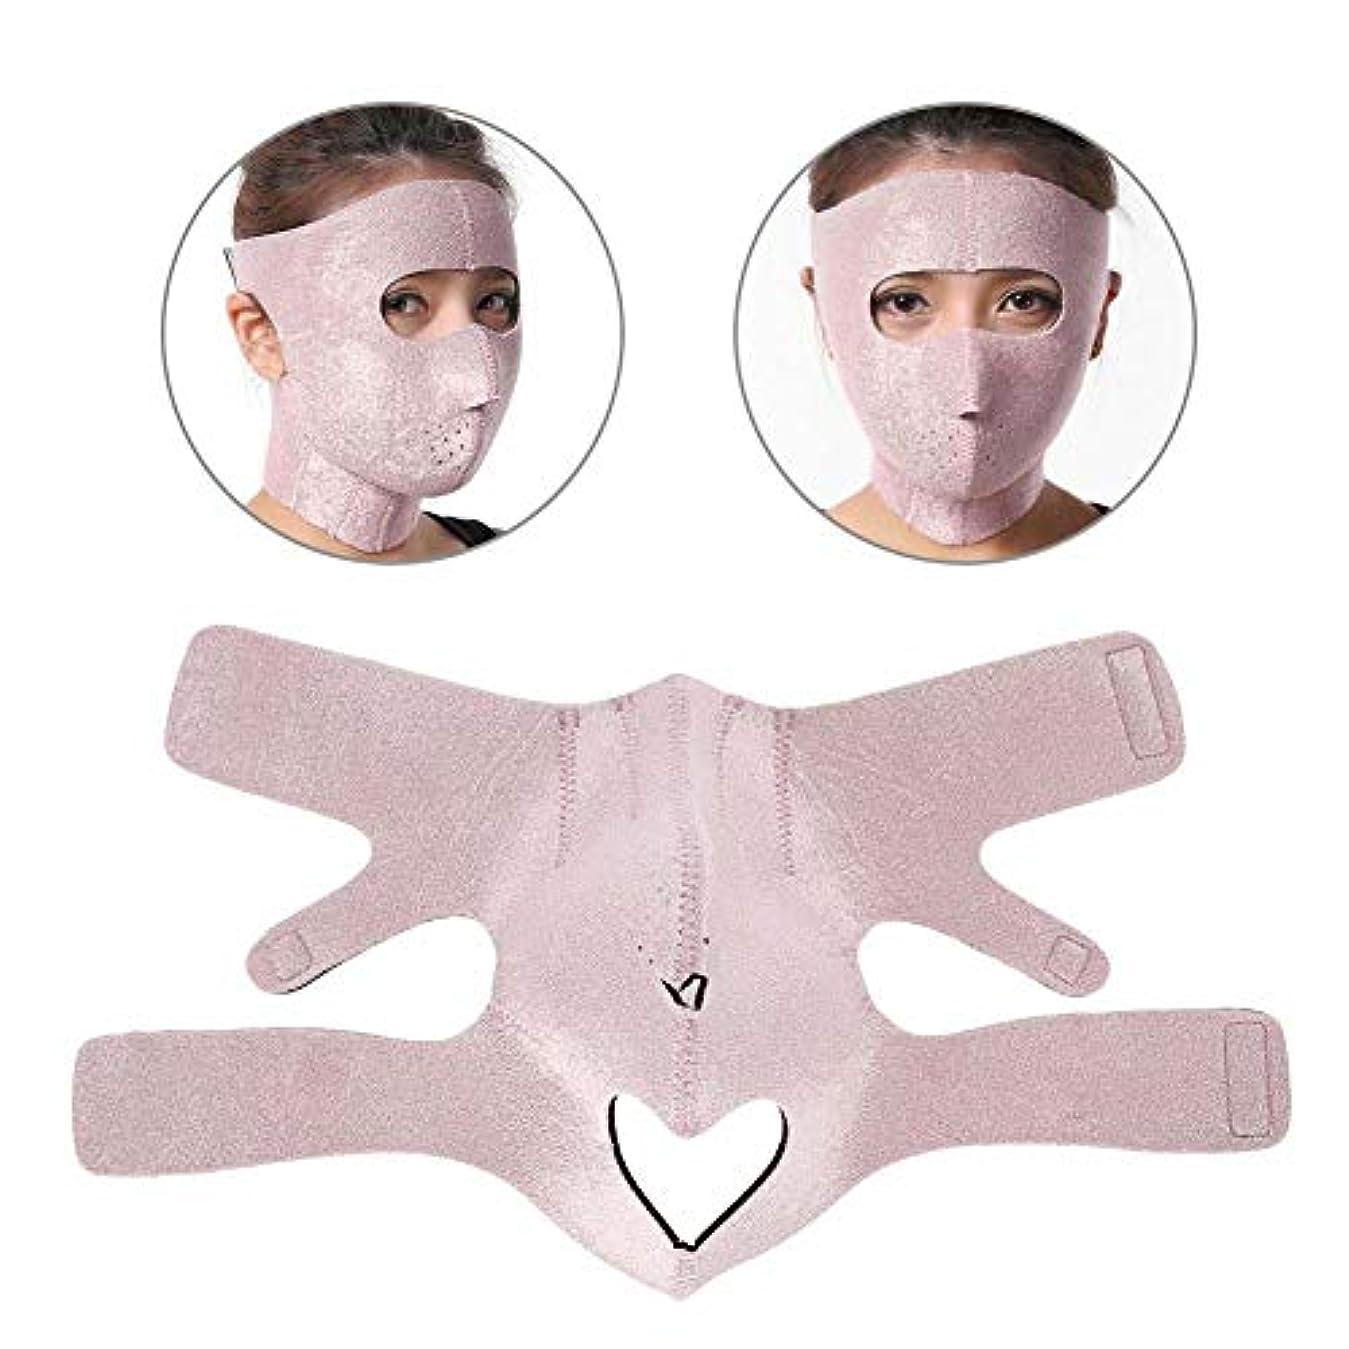 肌靴下ヘッドレス顔の輪郭を改善する 美容包帯 フェイスリフト用フェイスマスク 通気性/伸縮性/変形不可